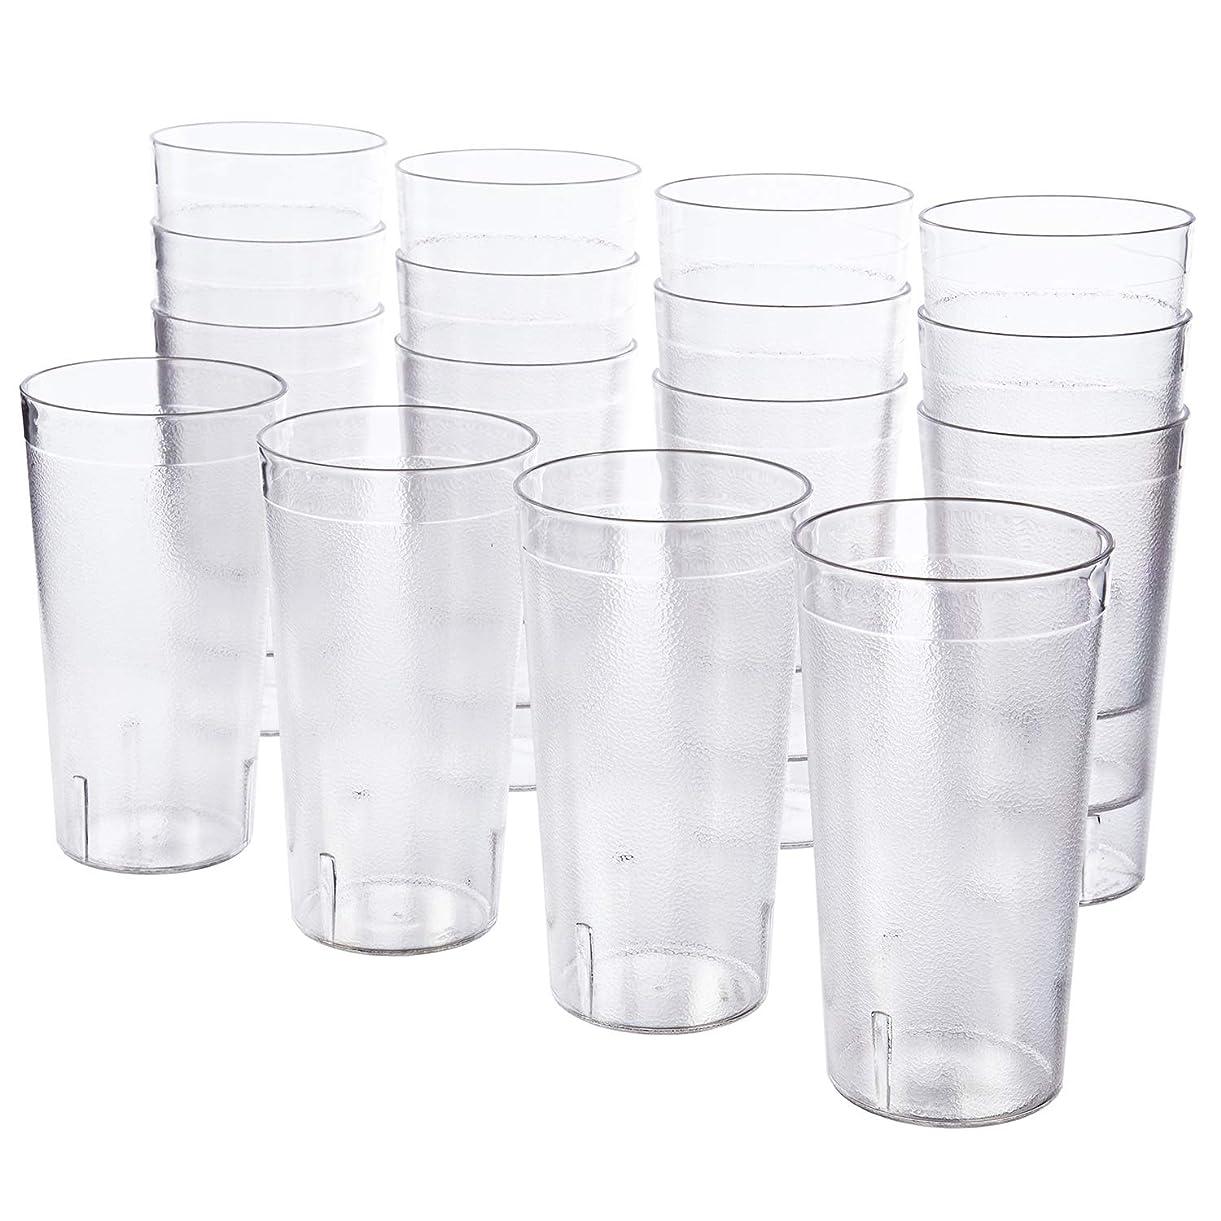 床どちらも吸収剤(Clear) - Cafe Break-Resistant Commercial-Grade Plastic 590ml Restaurant-Quality Beverage Tumblers - Set of 16 Clear